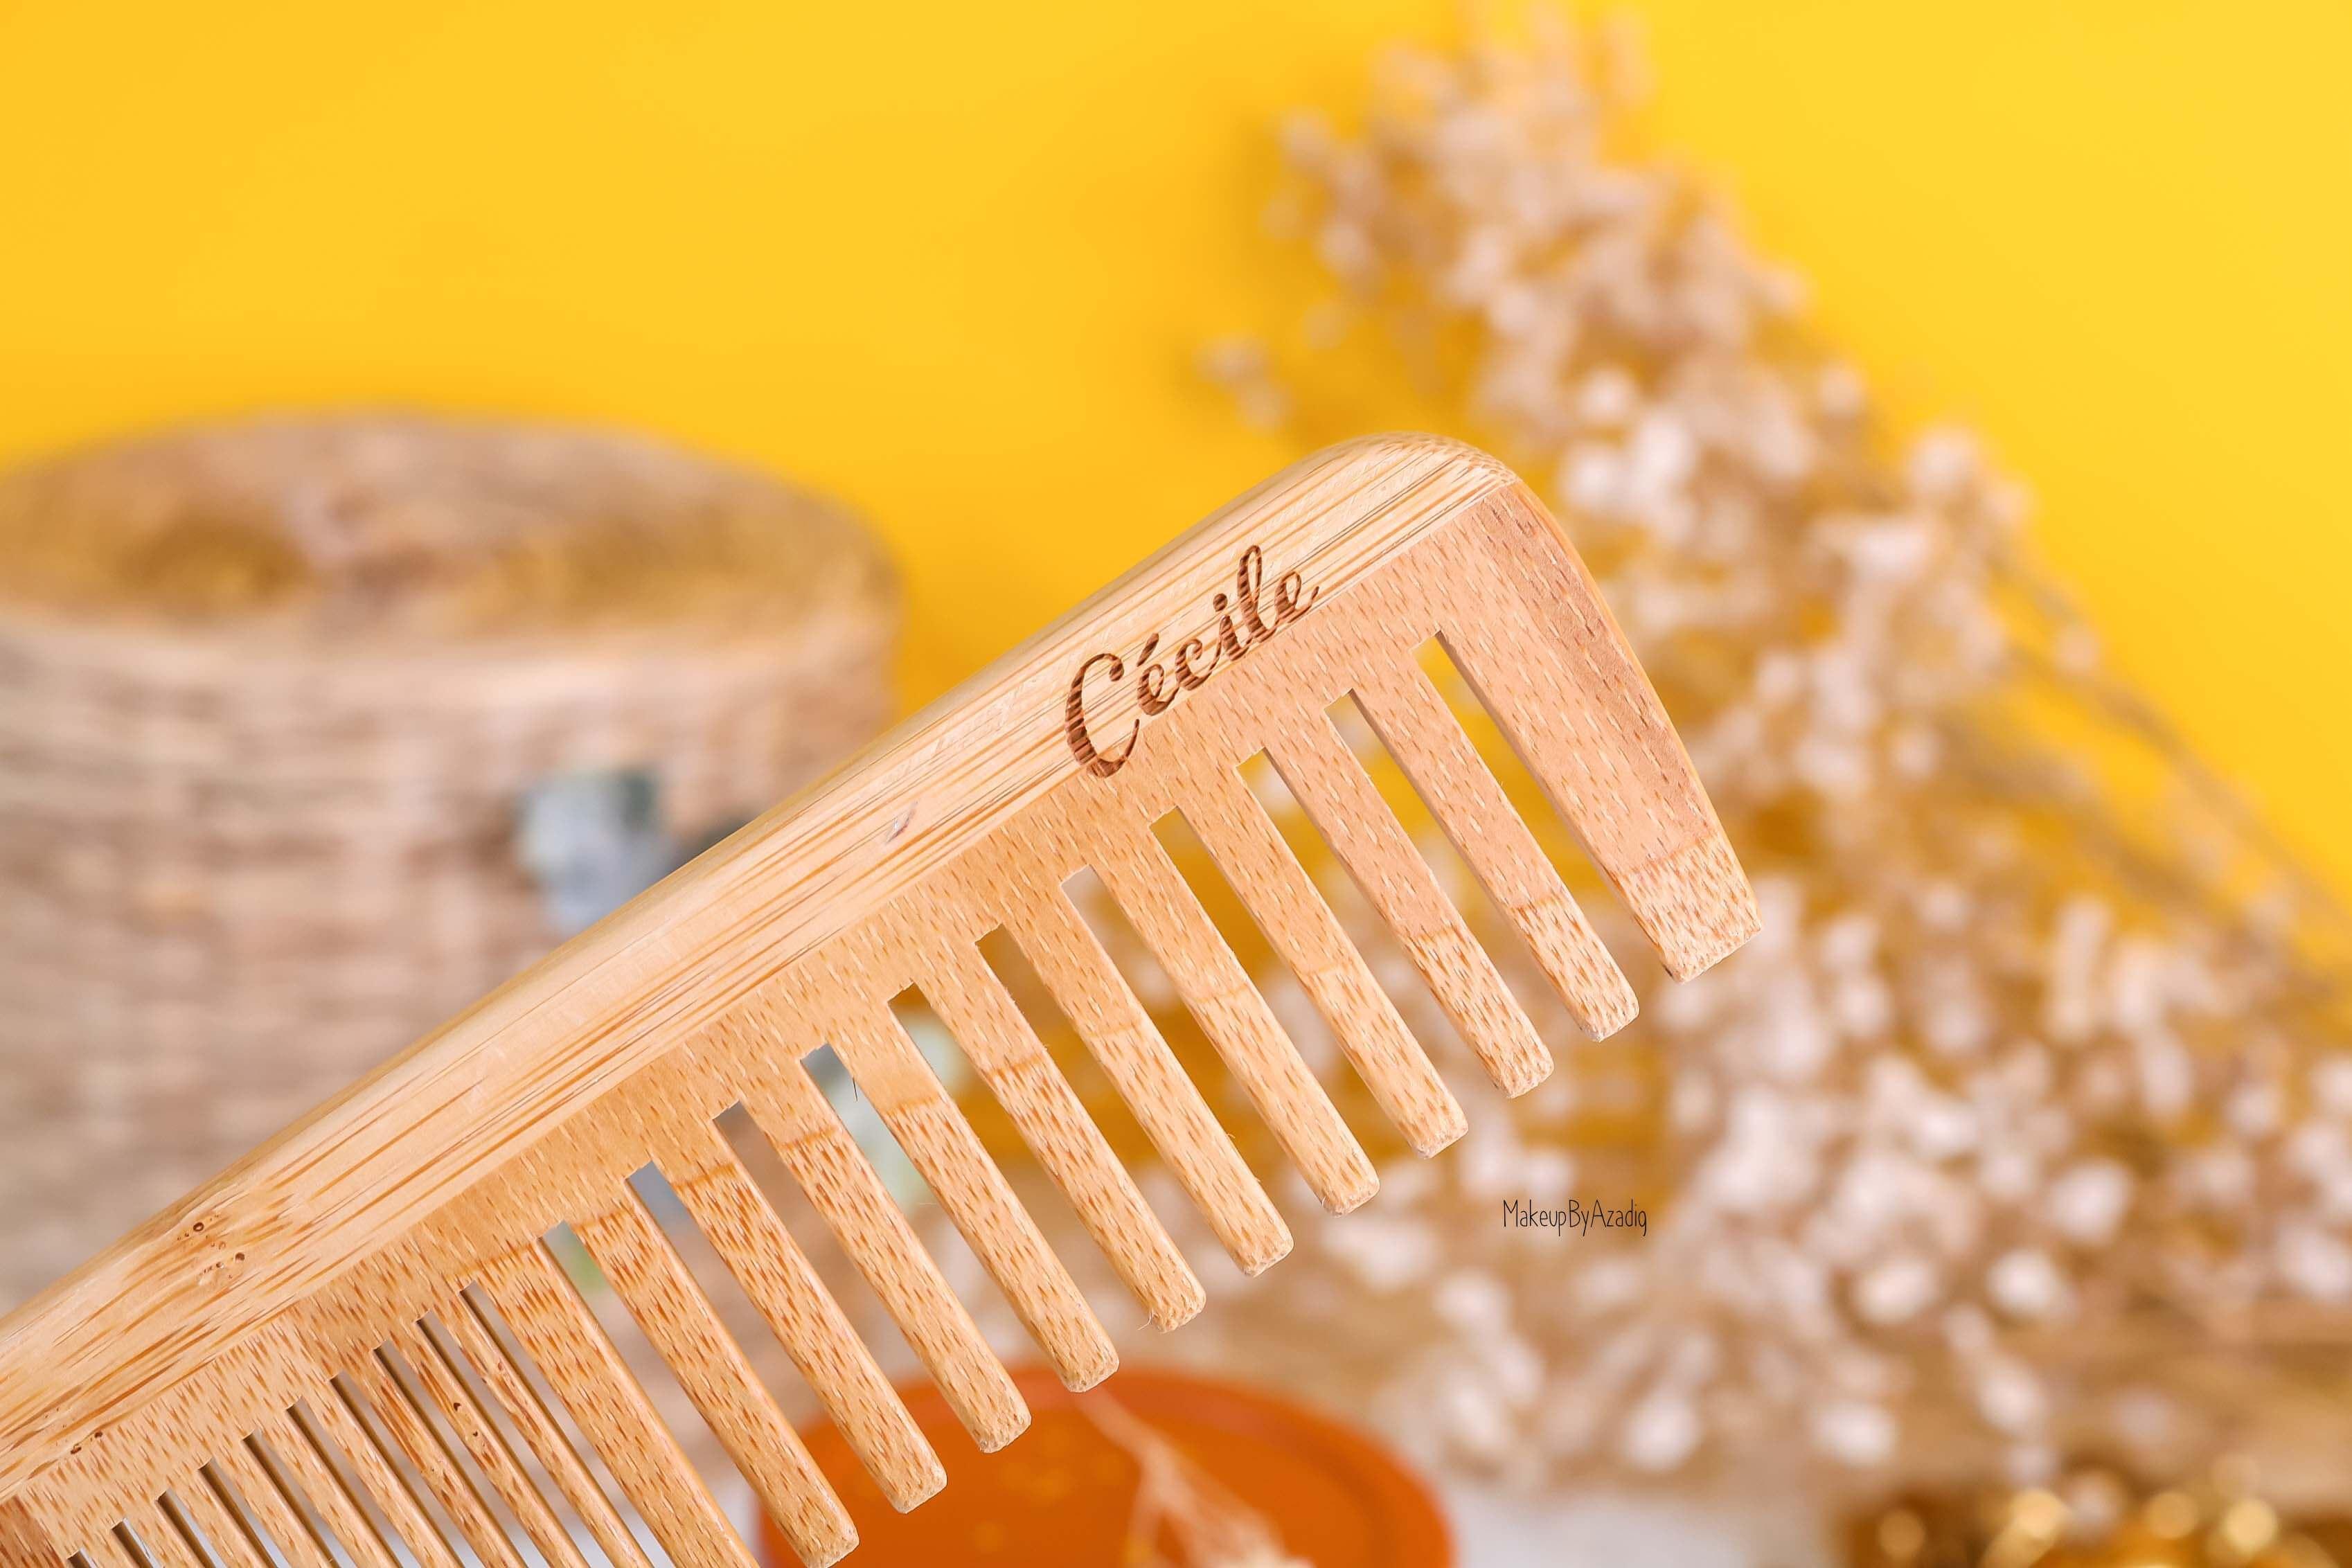 L'attention trop adorable, un peigne en bambou gravé avec mon prénom *-*